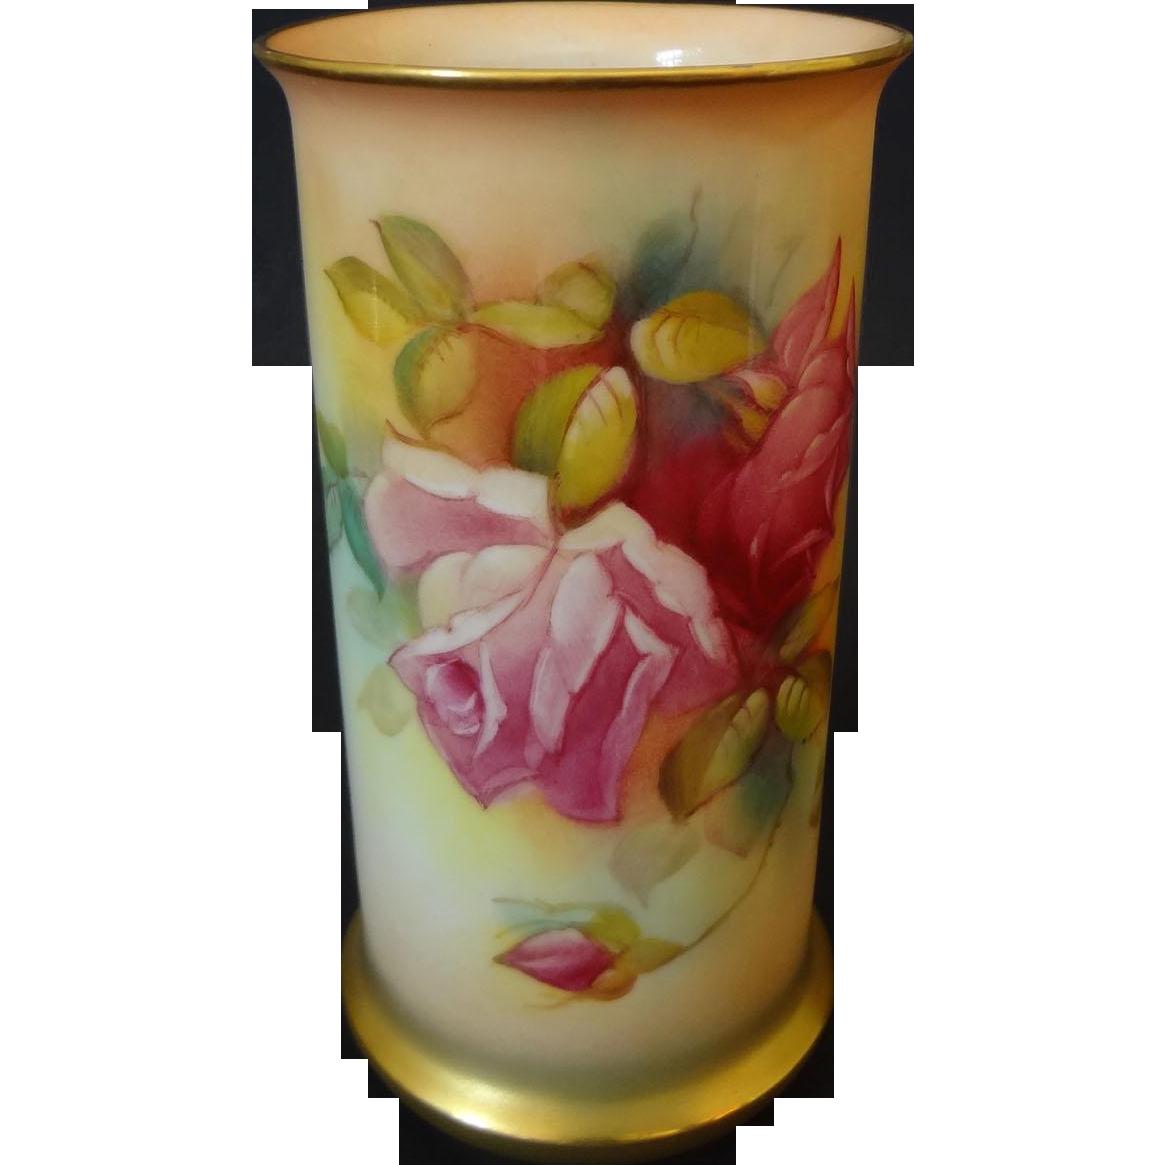 Royal Worcester Blush Ivory Porcelain Vase Roses Signed M. Hunt - circa 1941, England